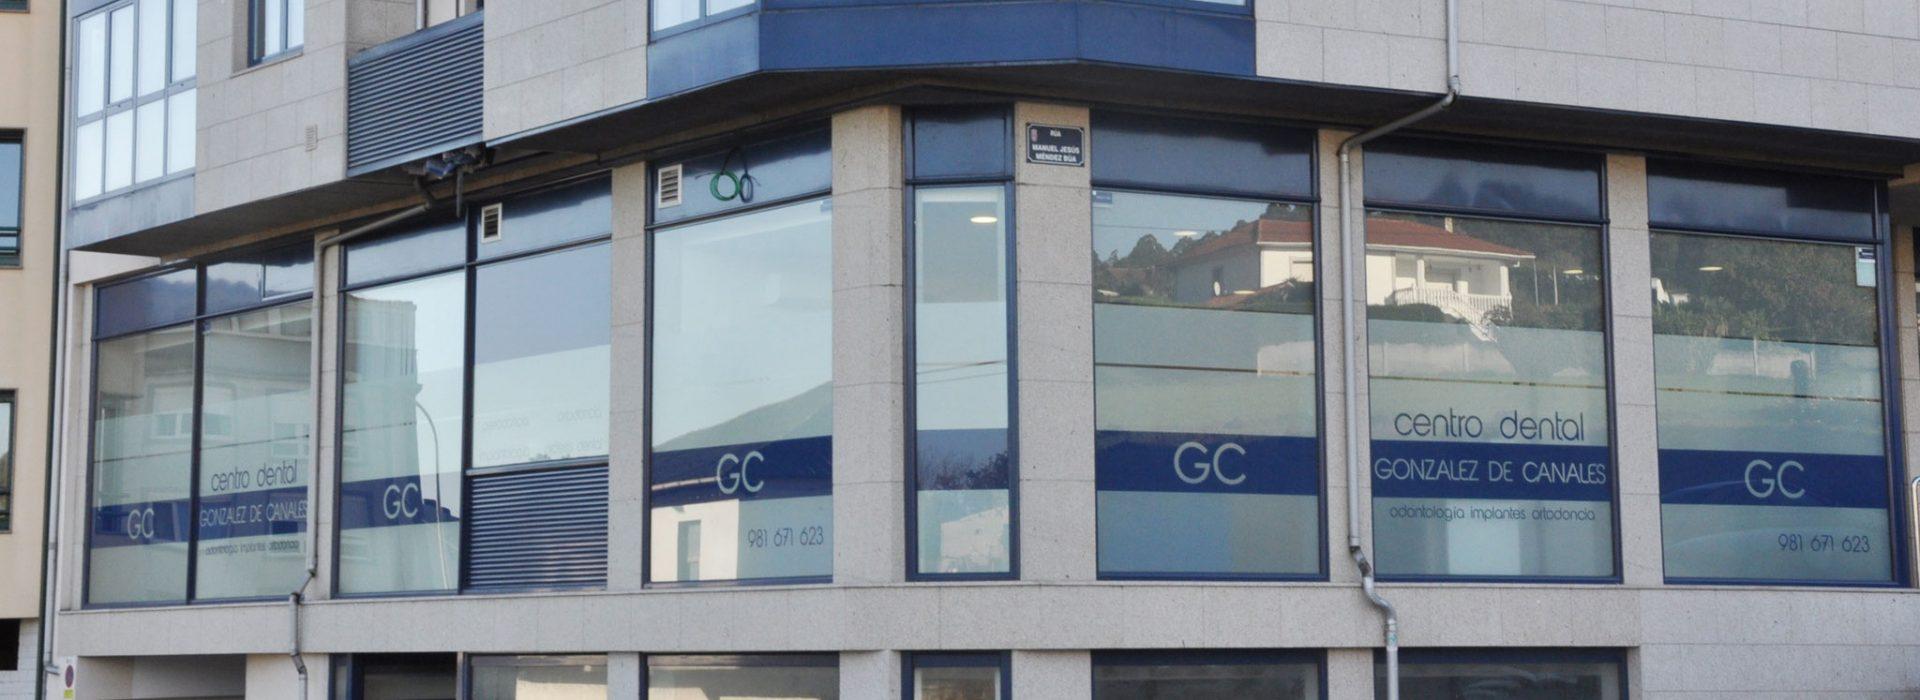 Centro Dental González de Canales